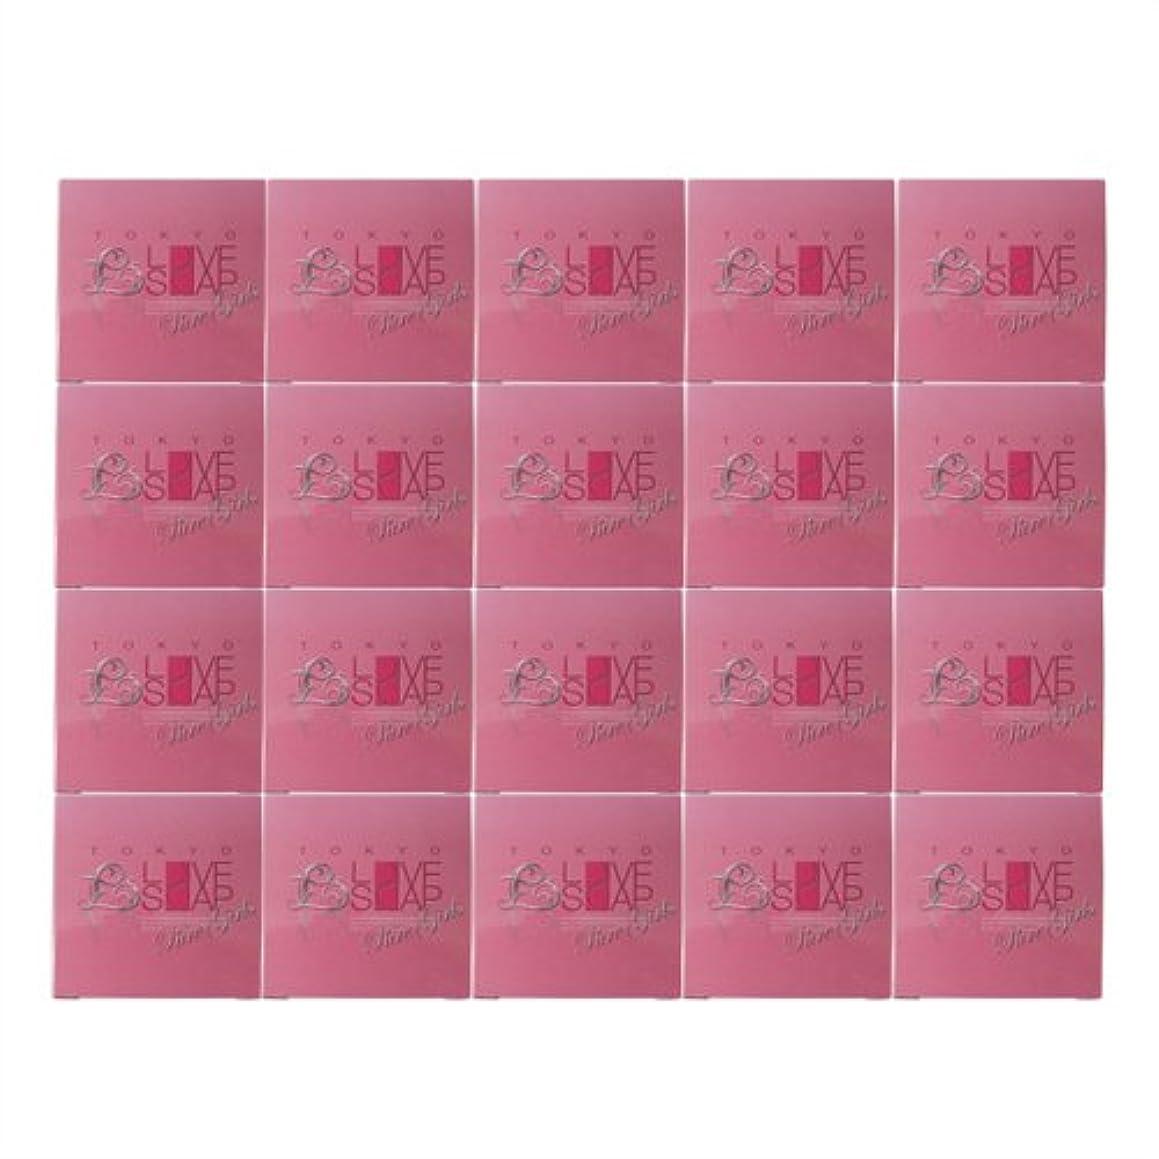 くるみ行う病者東京ラブソープ ピュアガールズ (80g) x20個 セット